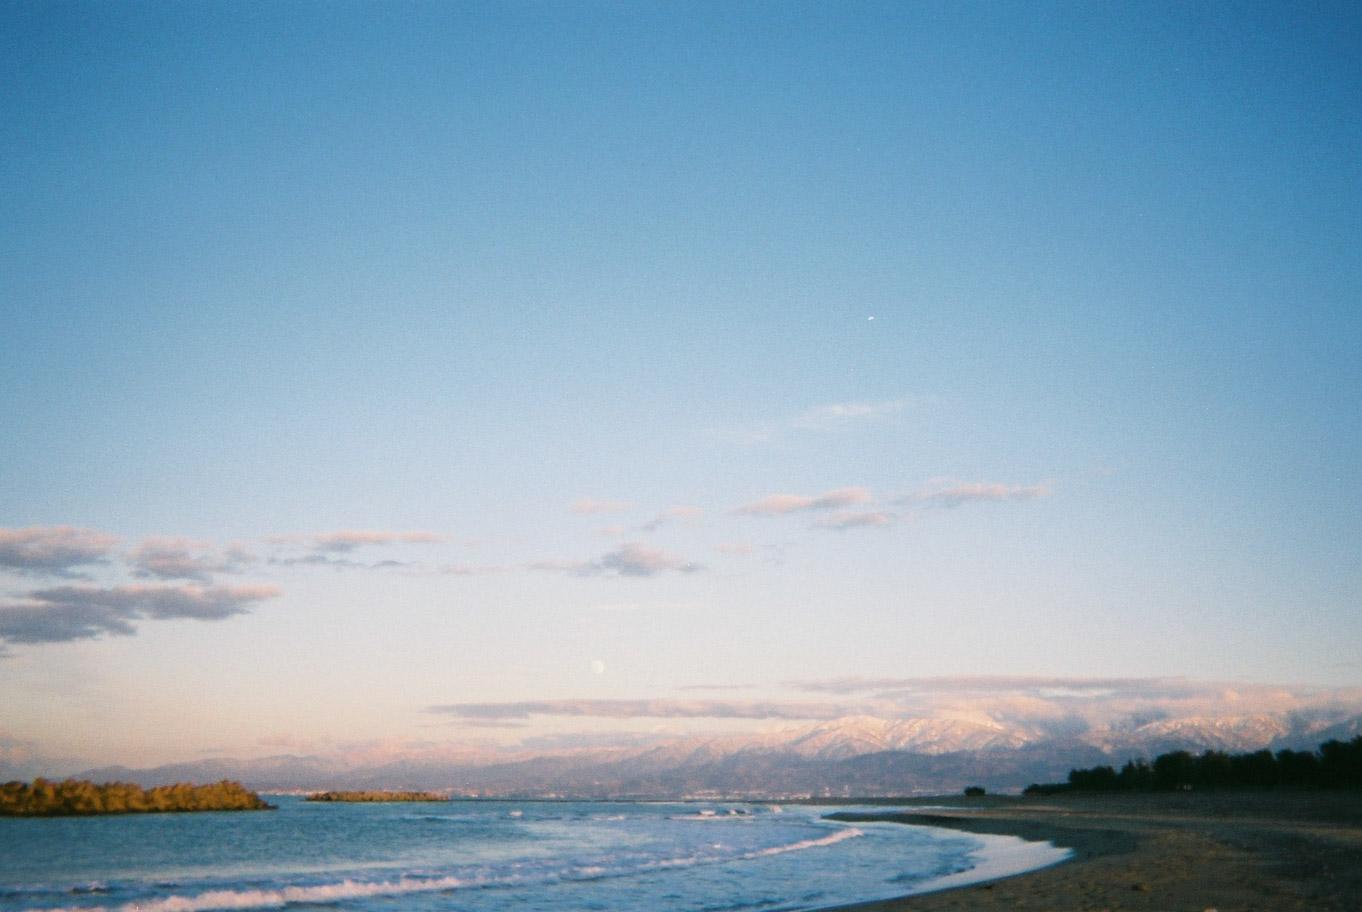 岩瀬浜海水浴場から立山連峰を望む